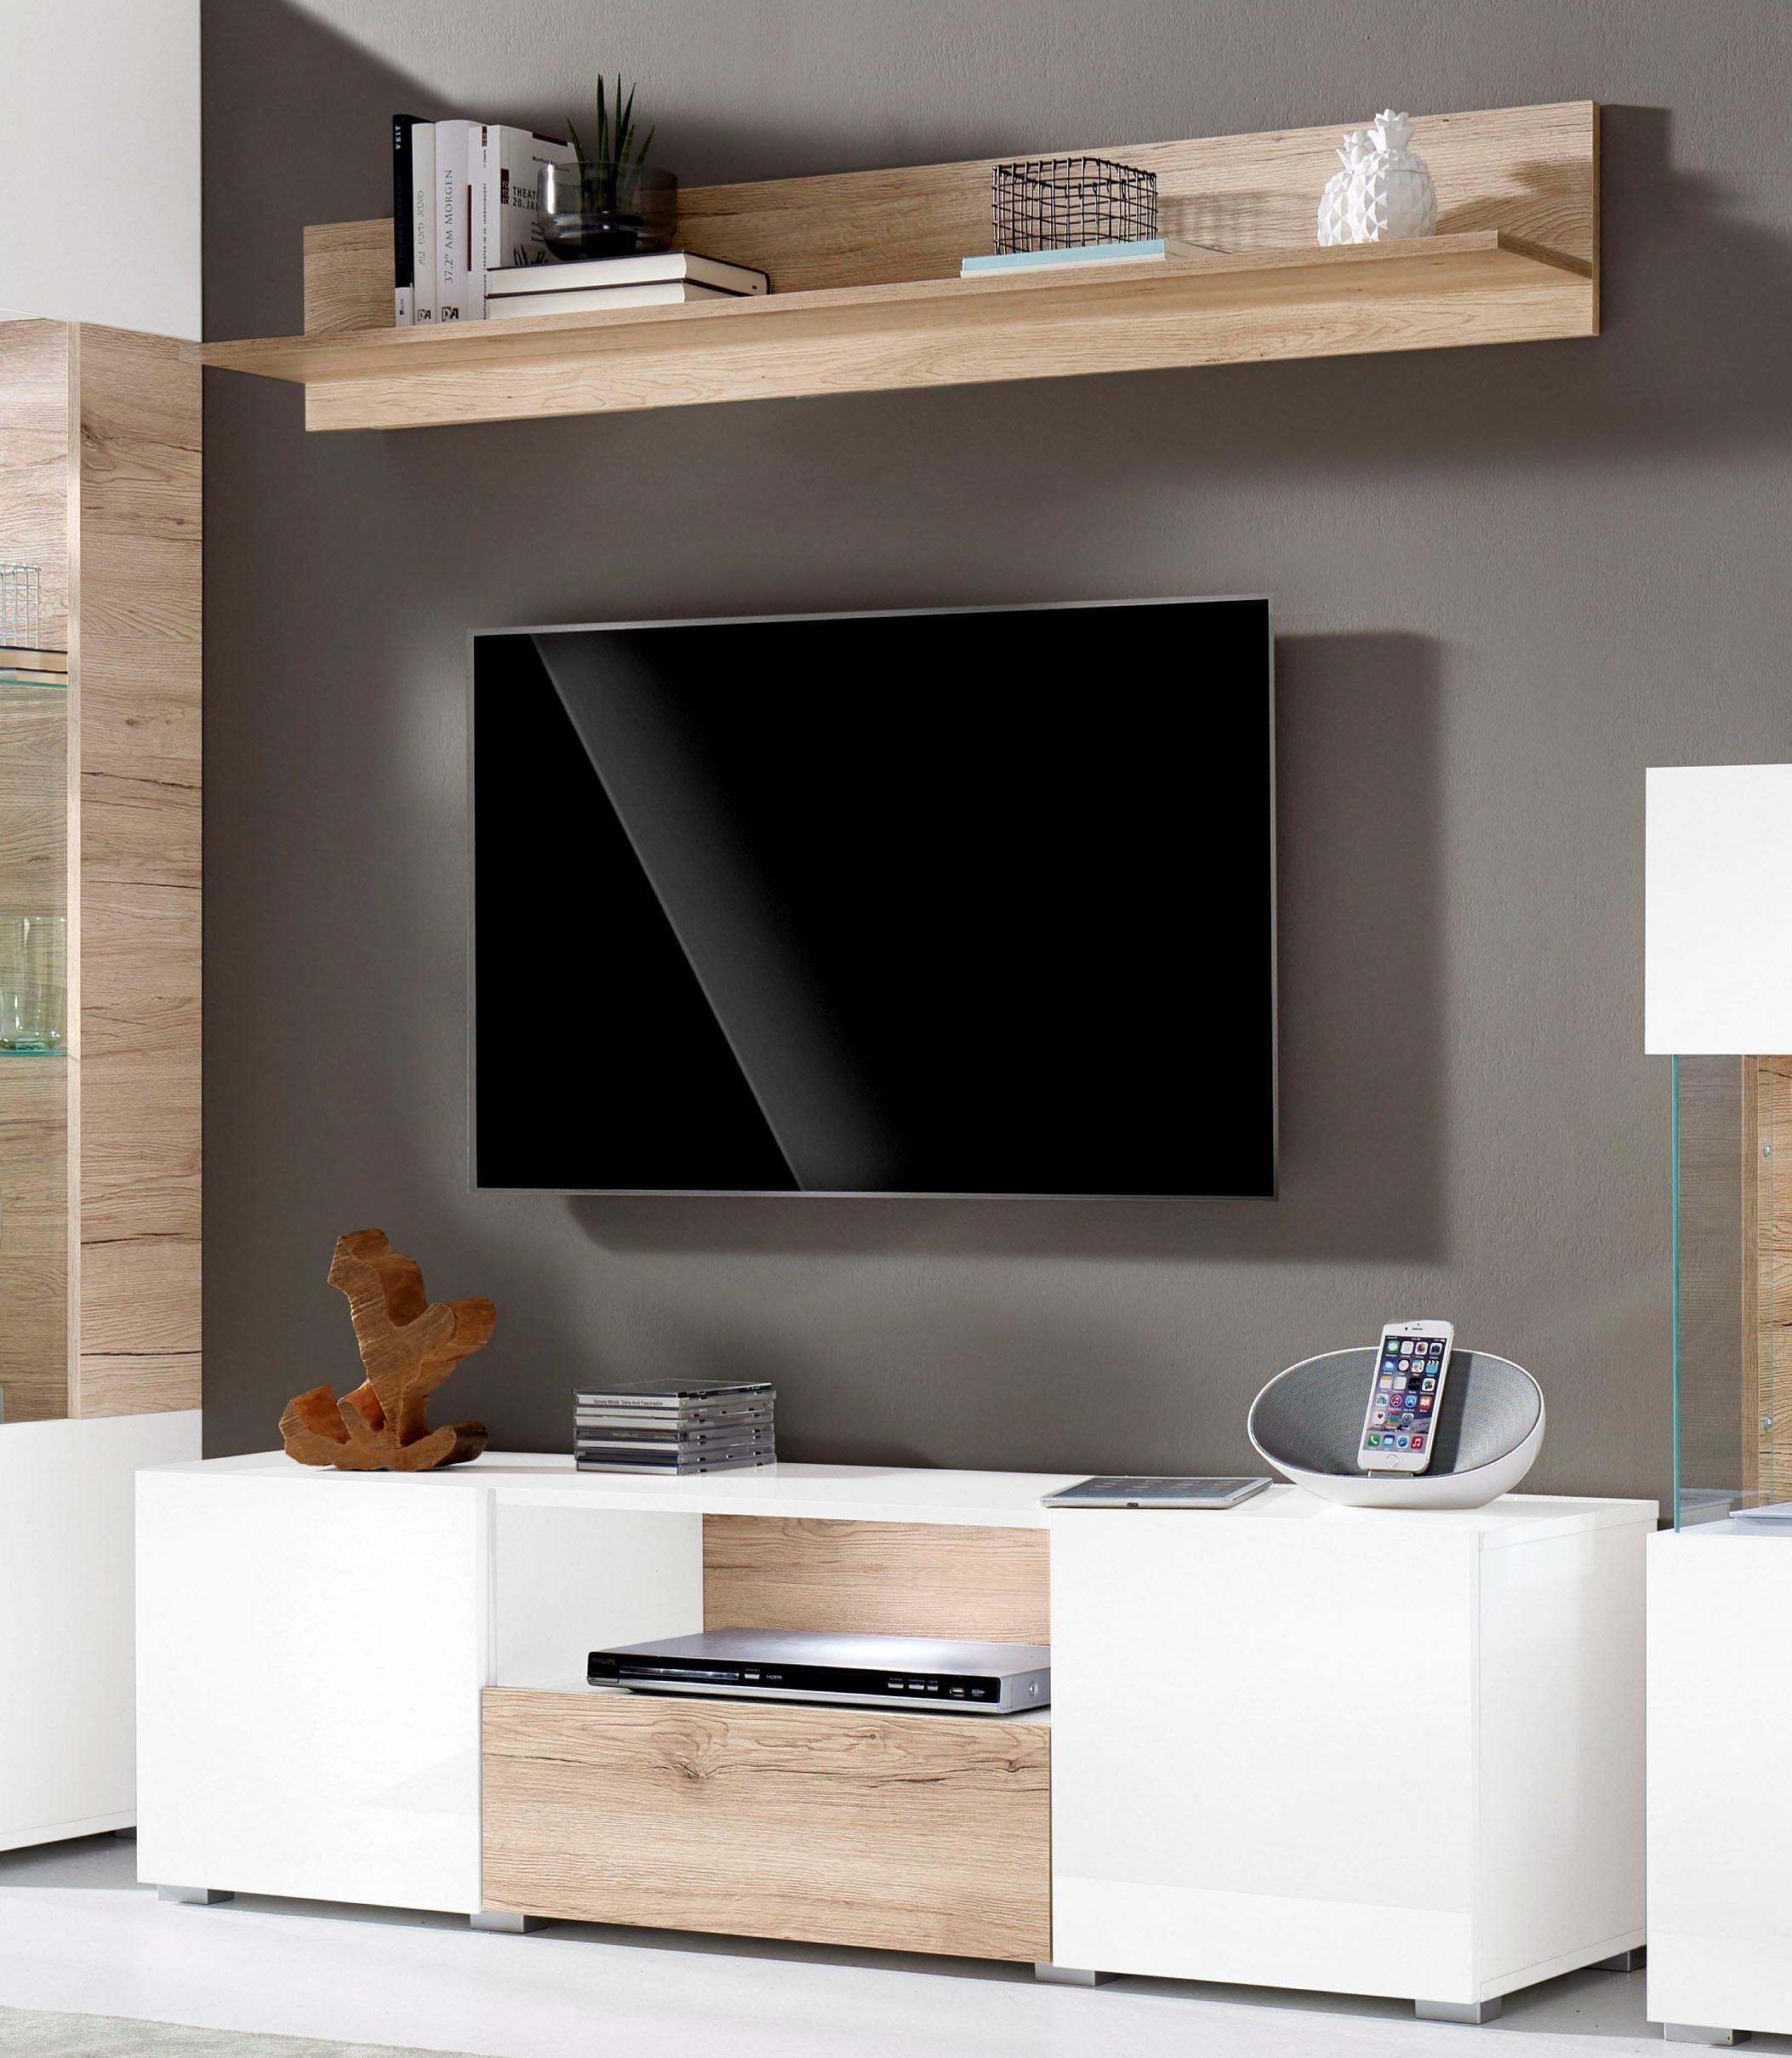 tv meubel 250 breed interesting tvmeubel breedte cm with tv meubel 250 breed top tv meubel. Black Bedroom Furniture Sets. Home Design Ideas